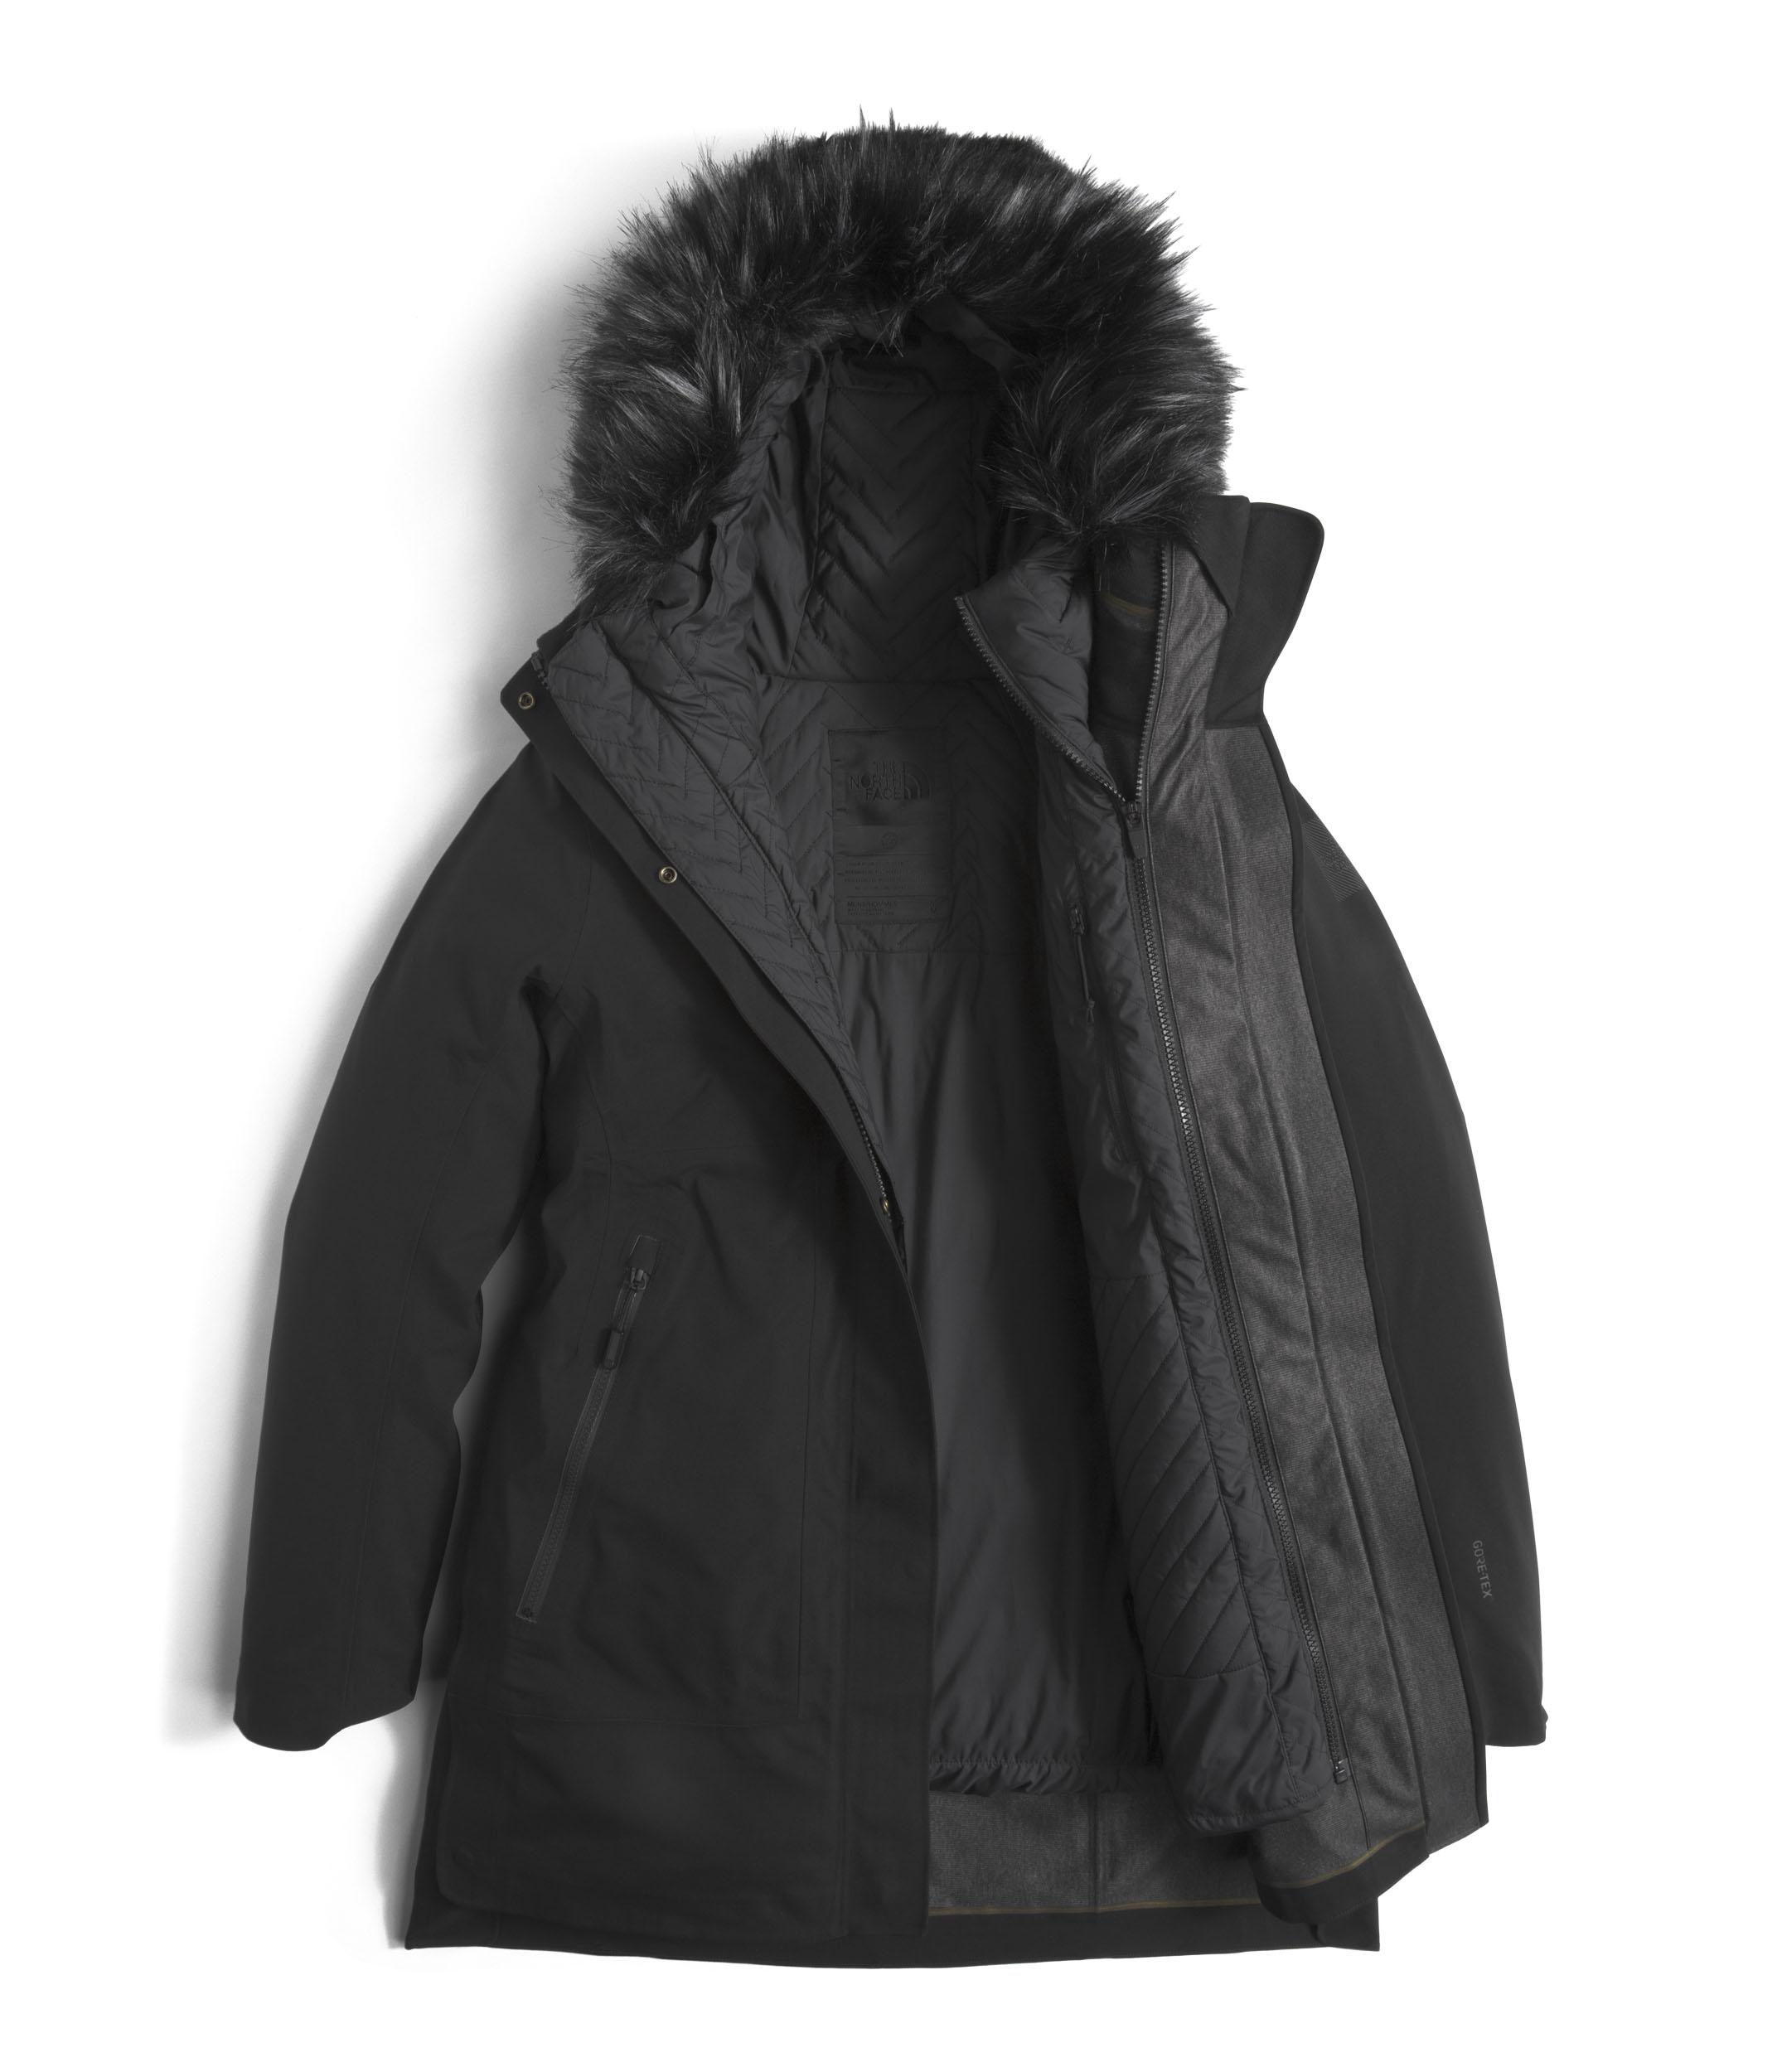 TNF_W Cryos GTX Triclimate Jacket_F17